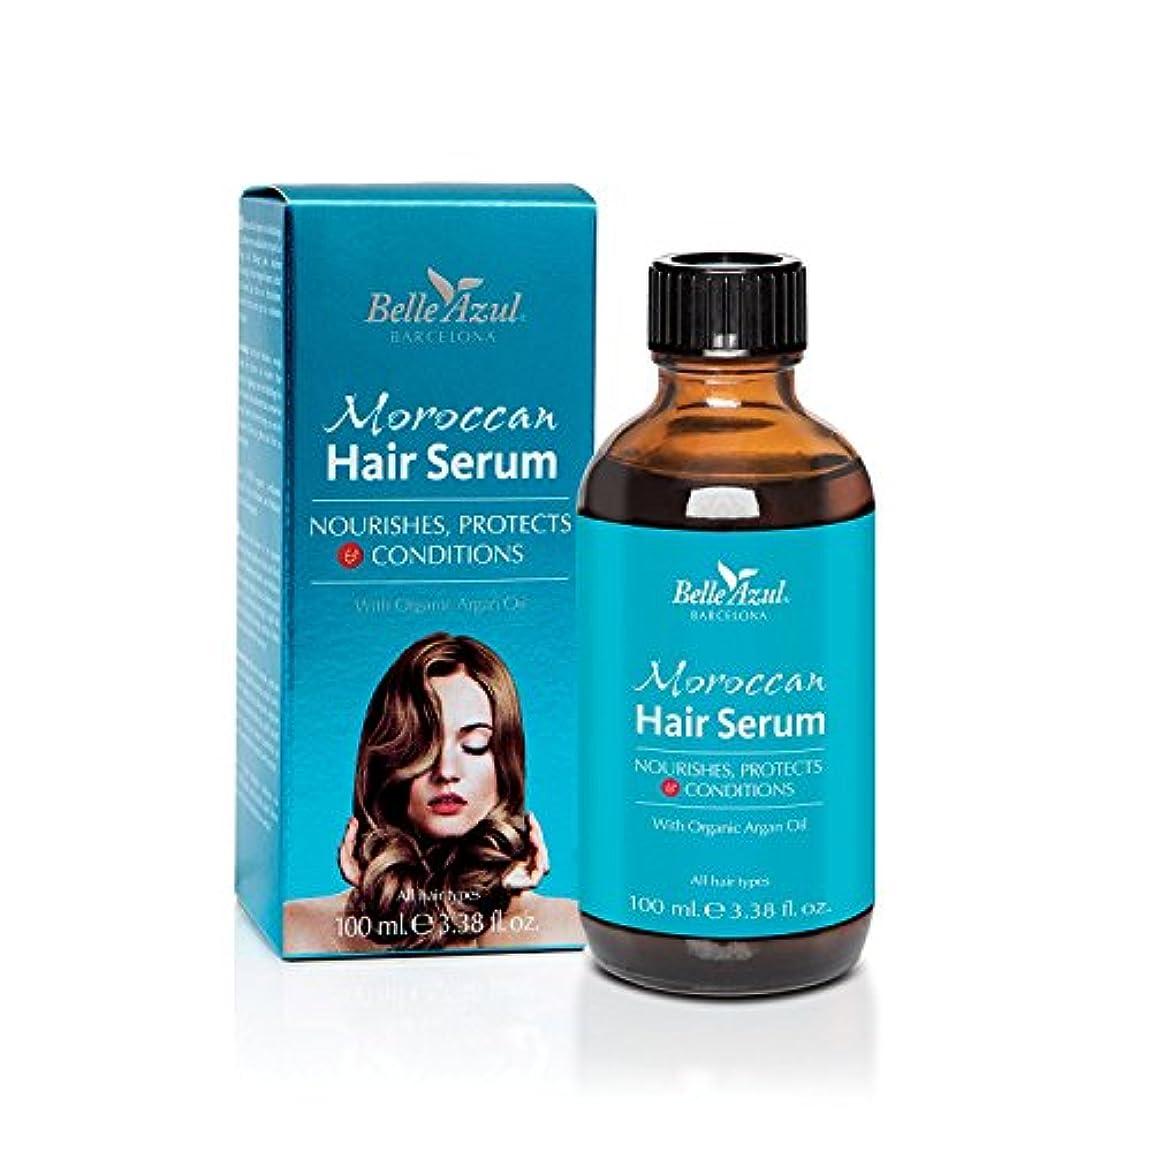 タクシー電球床を掃除するベルアスール (Belle Azul) モロッカン ヘア セラム 髪用 美容液 アルガンオイル 配合